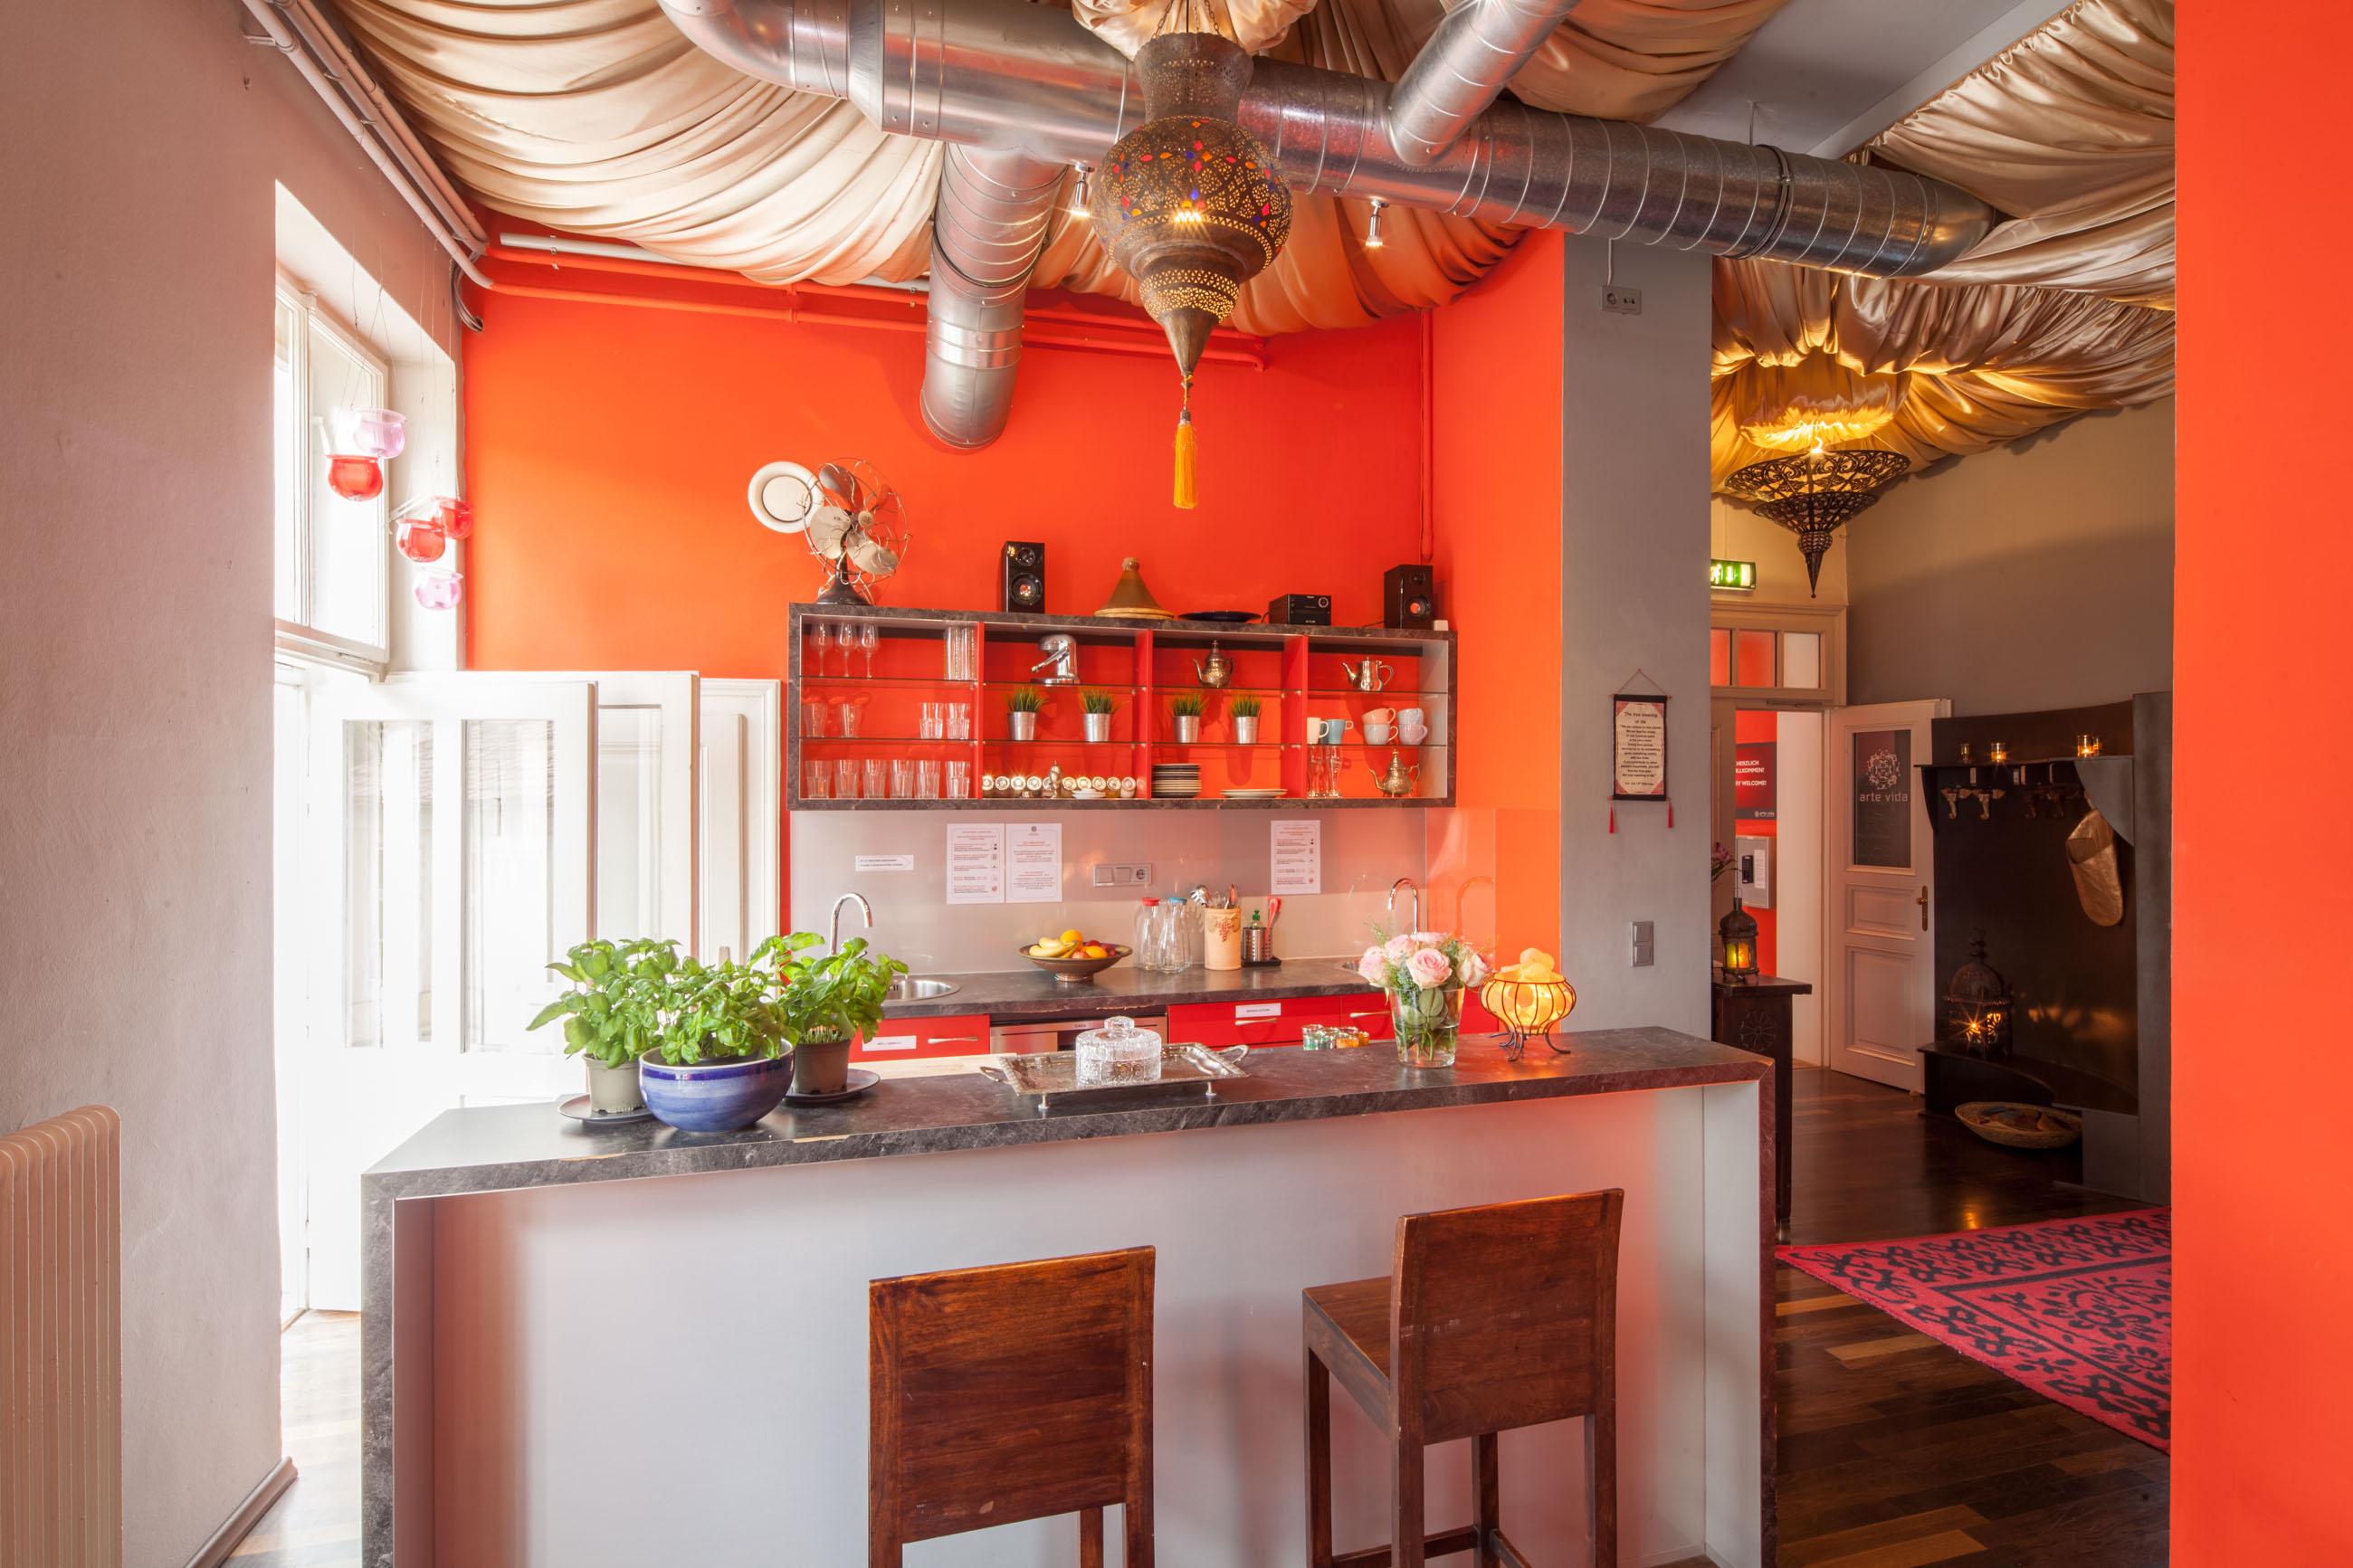 arte vida boutique guesthouse_2600px-4